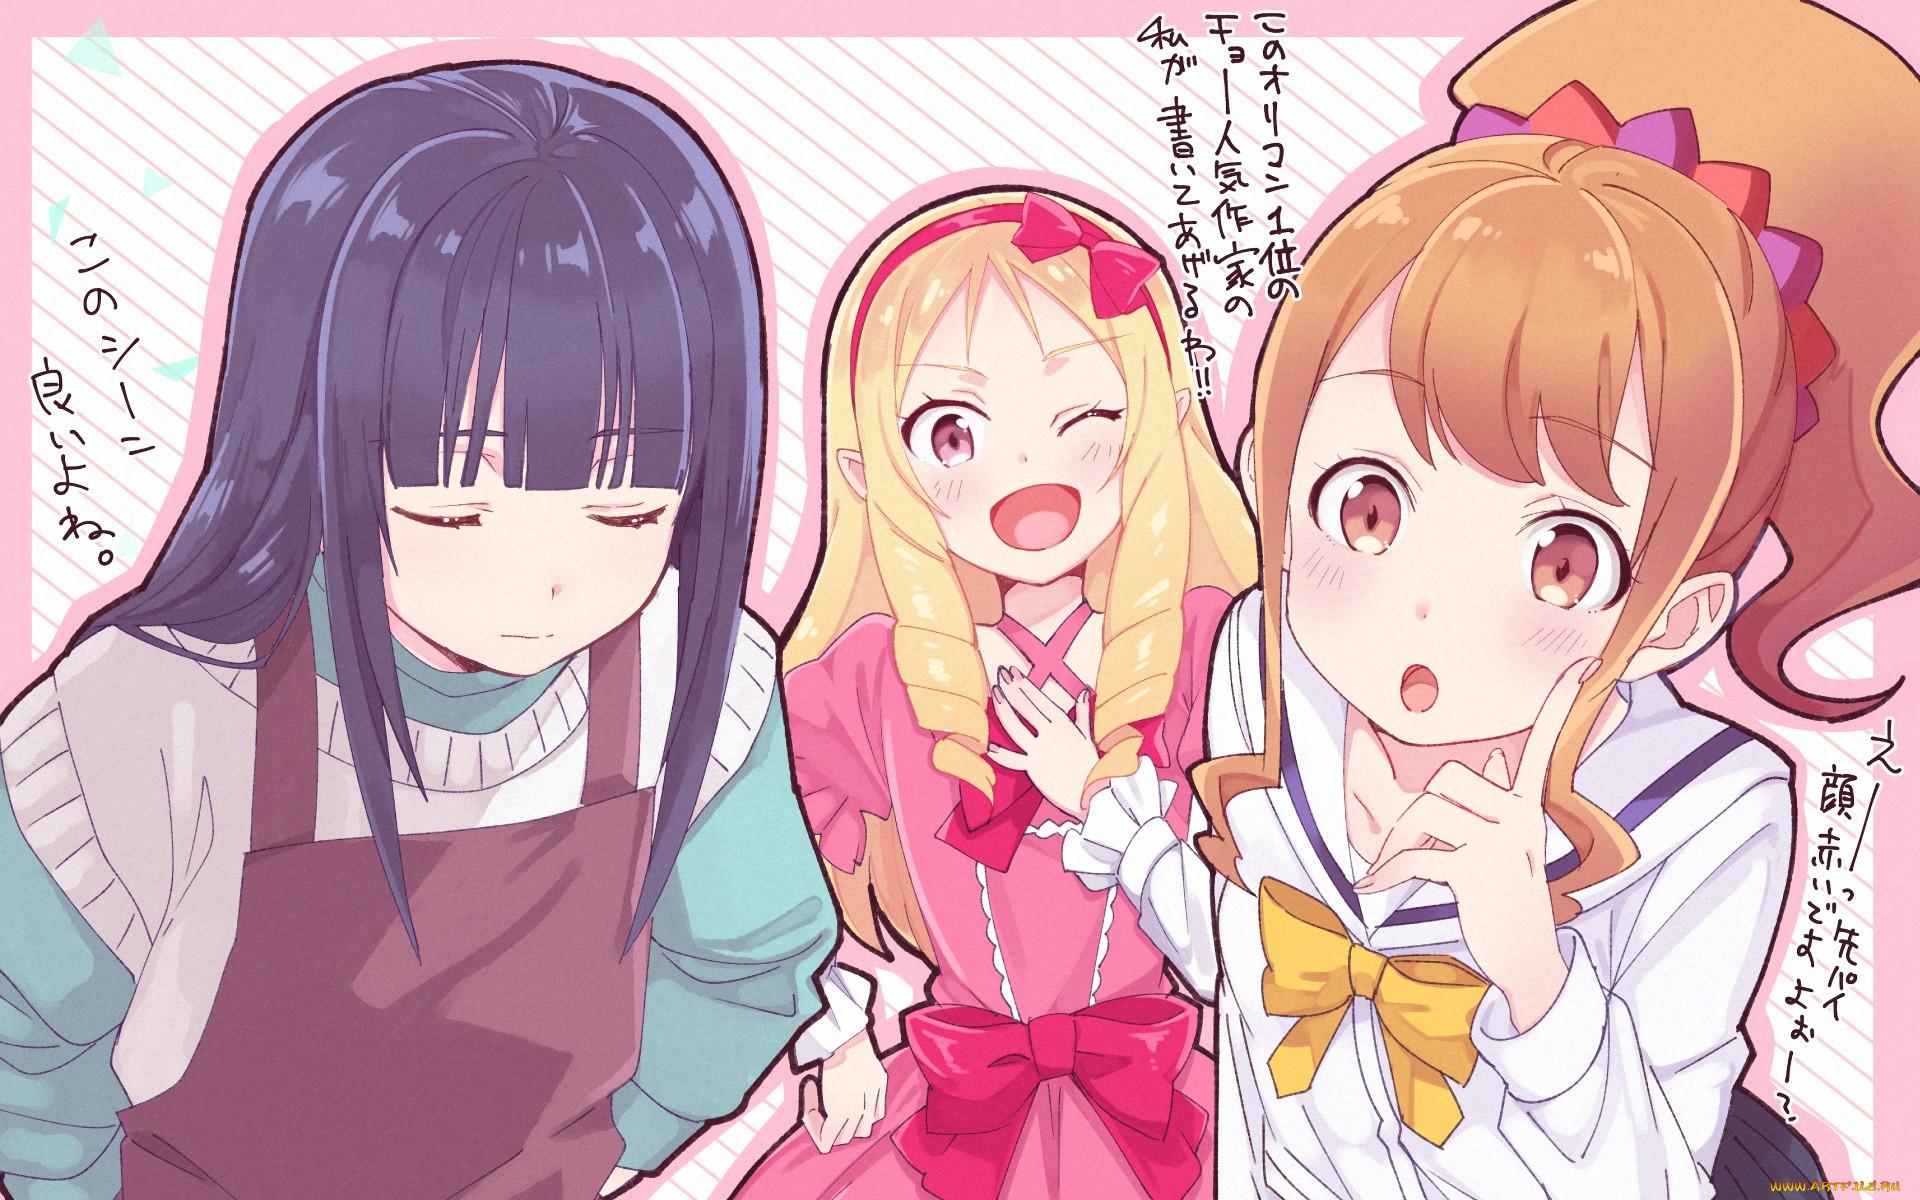 аниме, eromanga-sensei, фон, девушки, взгляд